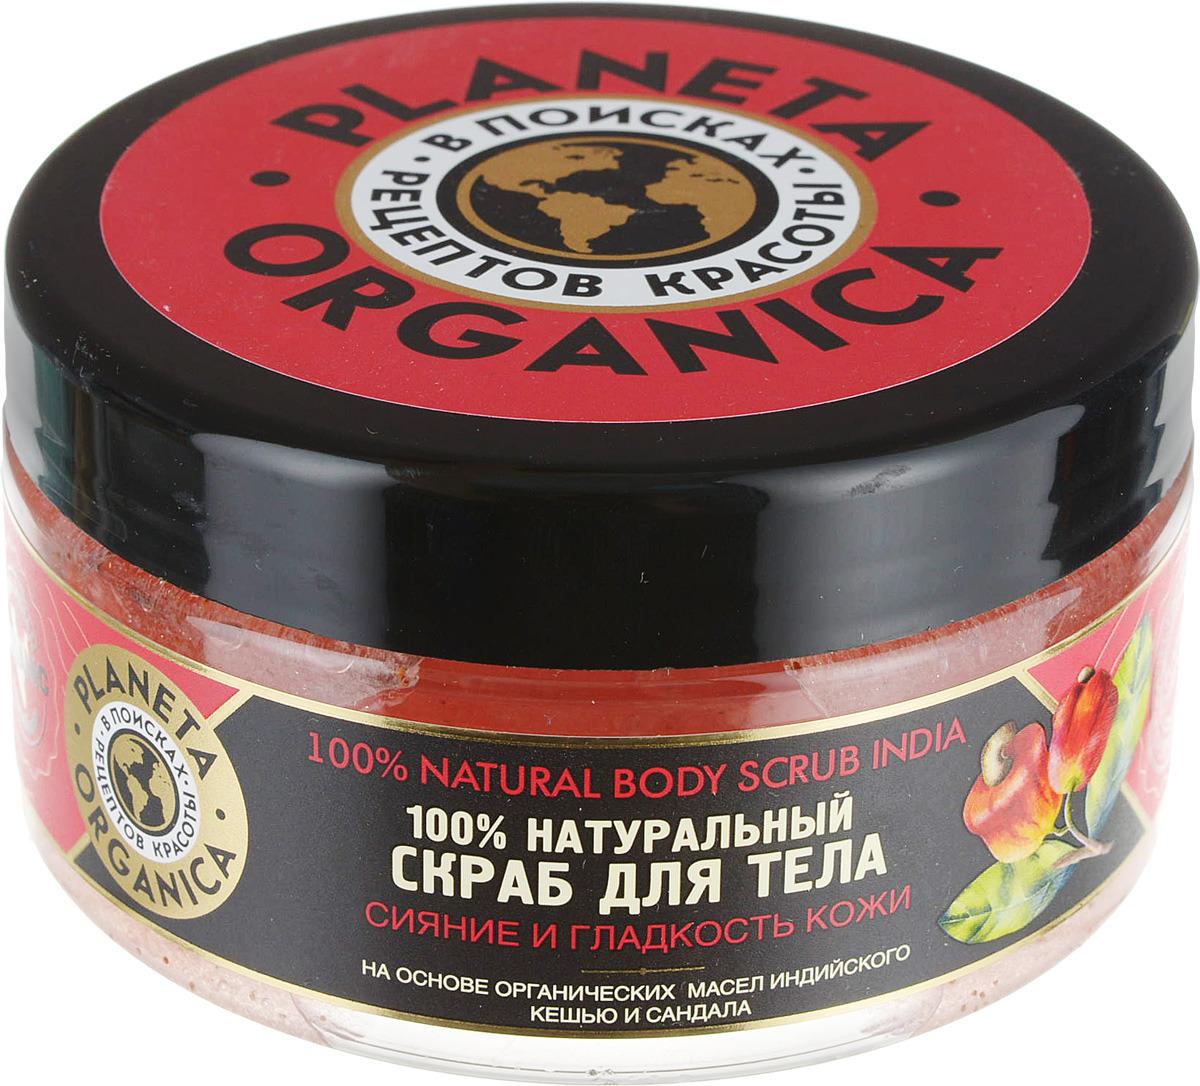 Planeta Organica скраб для тела индийский кешью и органическое масло сандала, 300 мл planeta organica скраб для тела индийский кешью и органическое масло сандала 300 мл